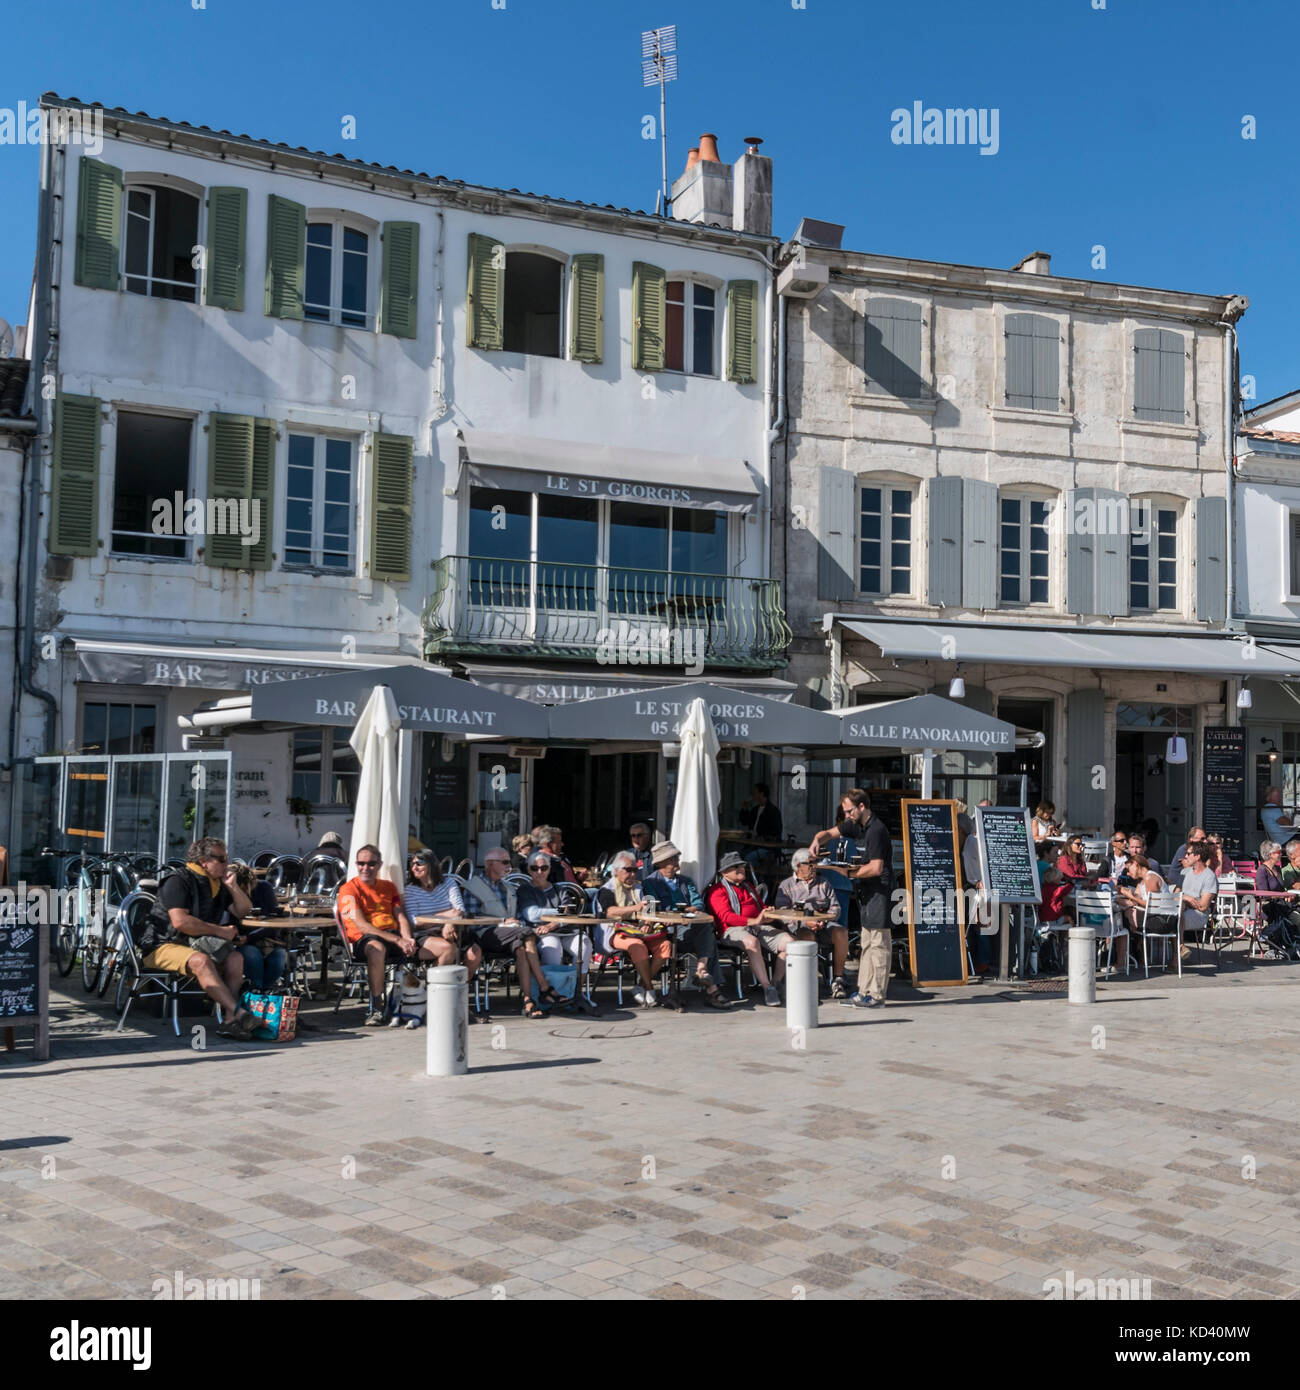 Charente maritime islands photos charente maritime islands images alamy - Restaurants port la nouvelle ...